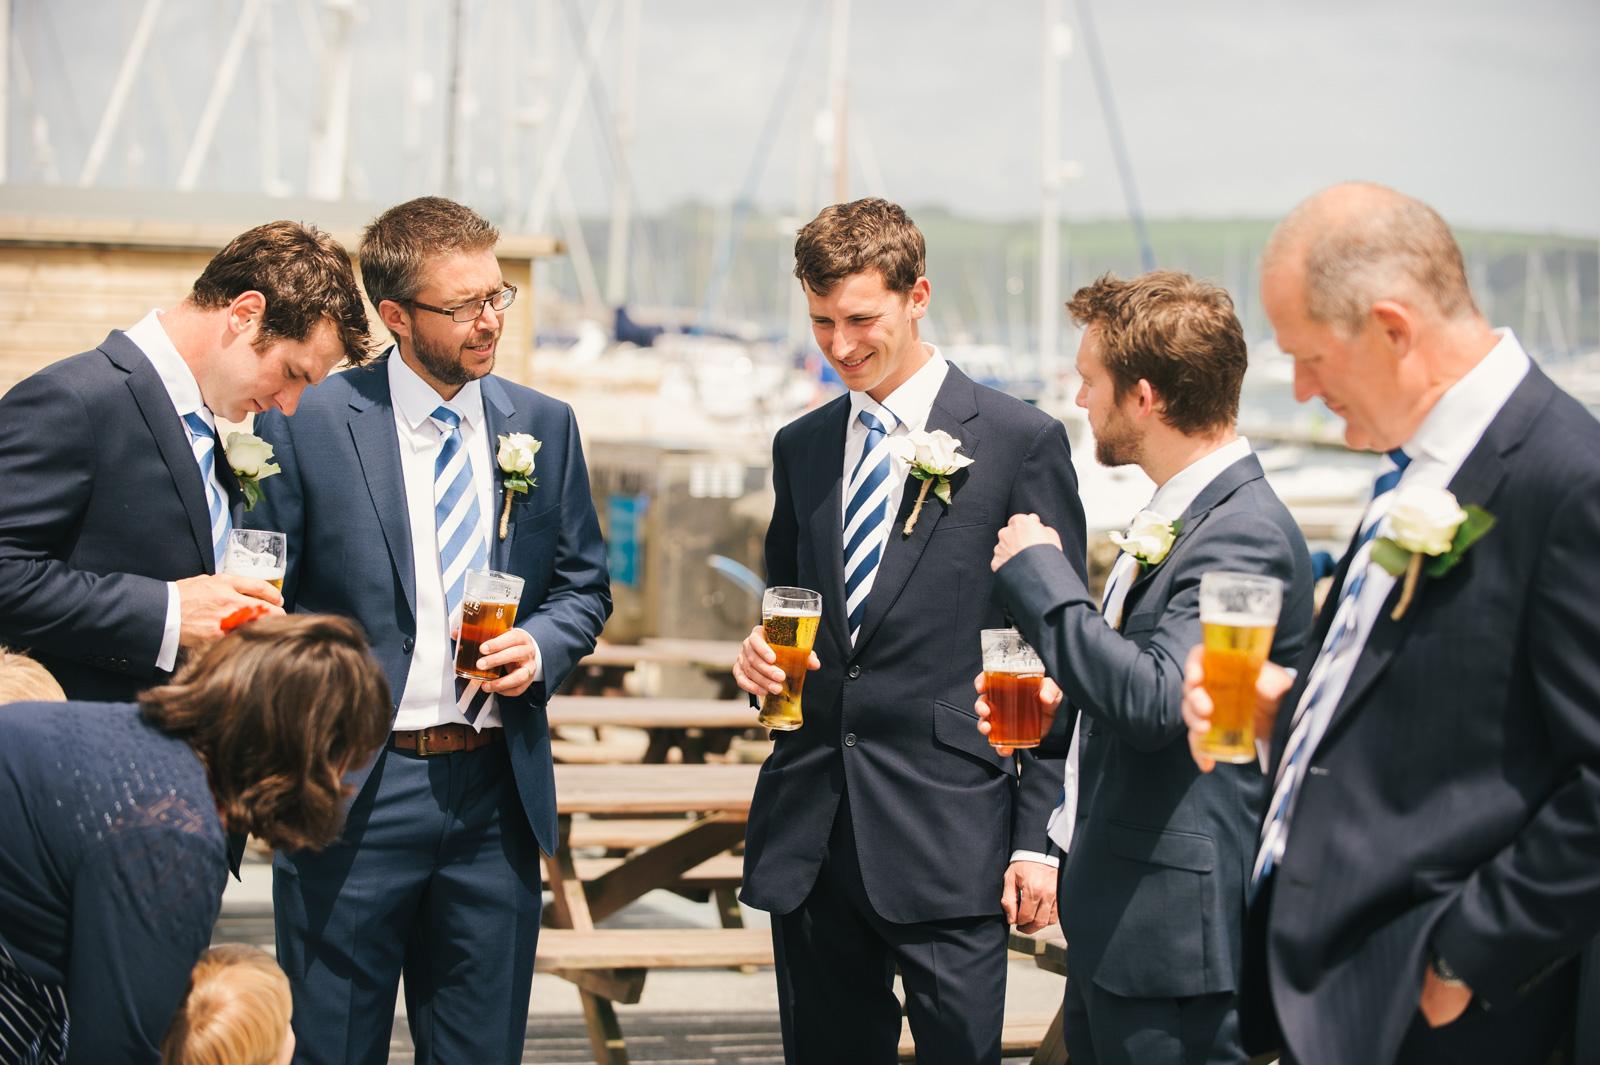 mylor-church-wedding-16.jpg